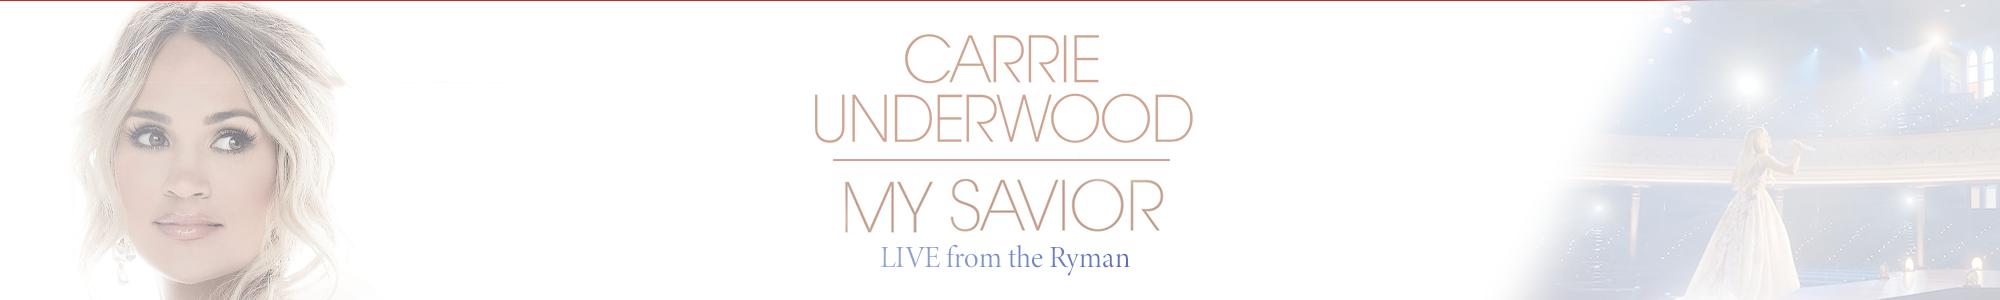 CarrieUnderwood_HubSpot_Banner